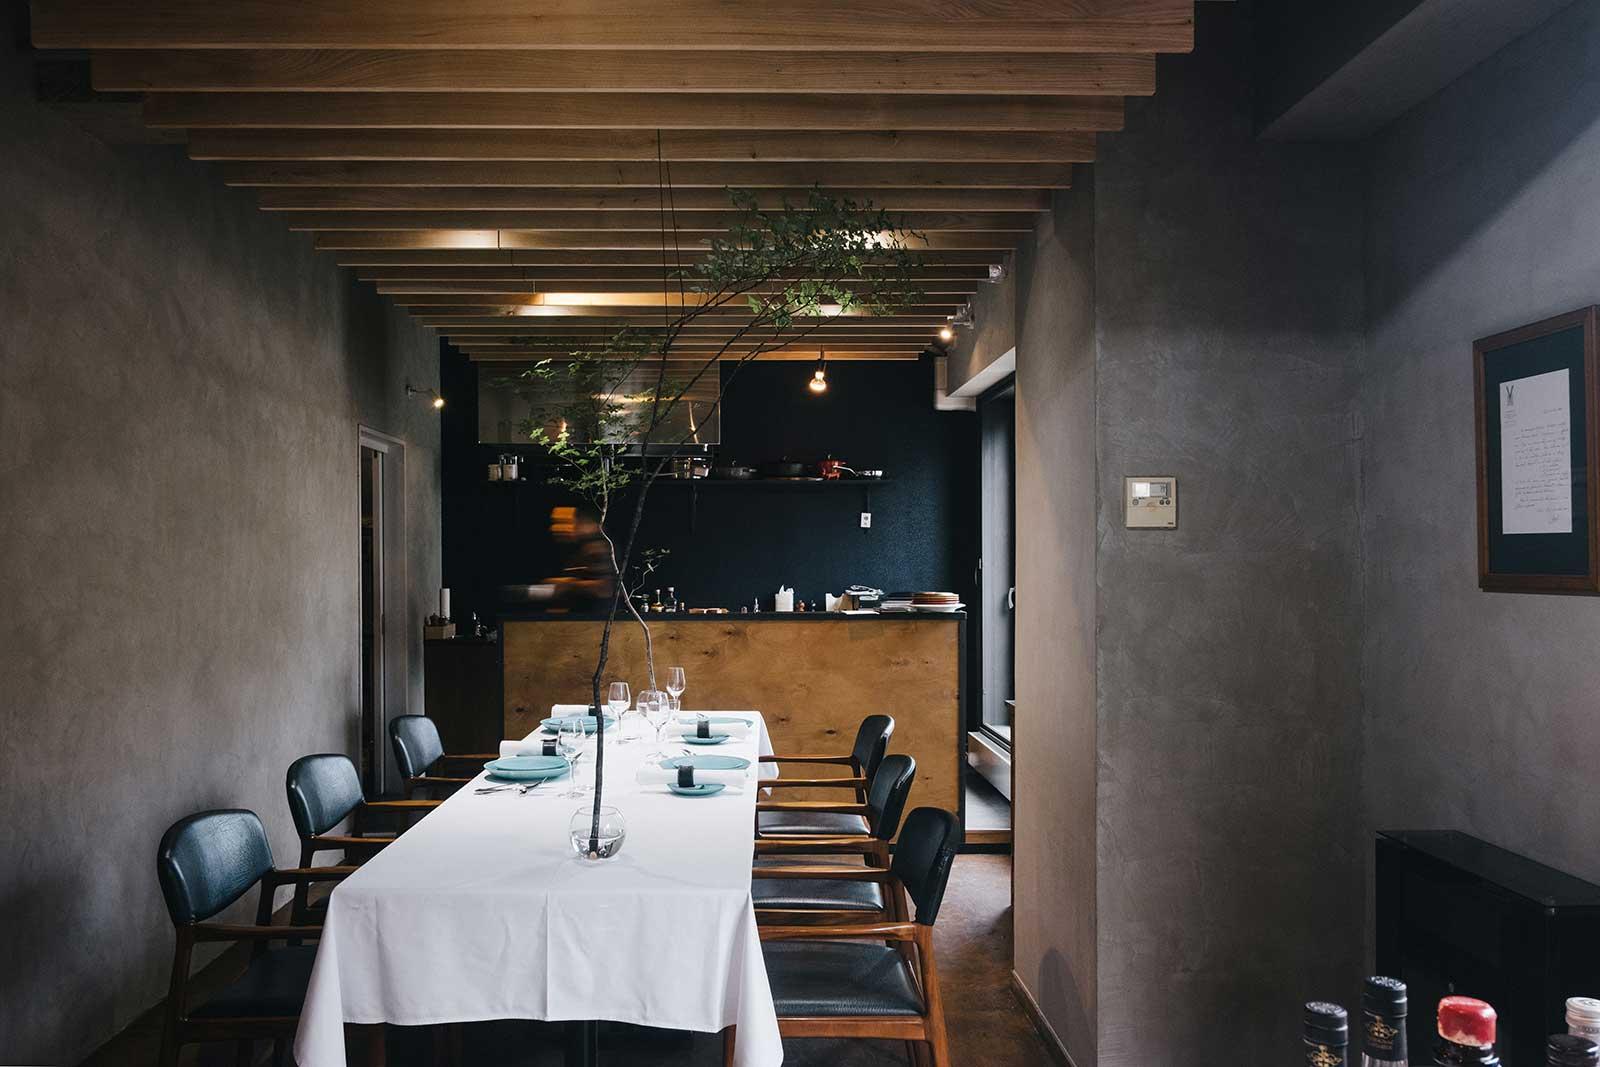 french restaurant banquet